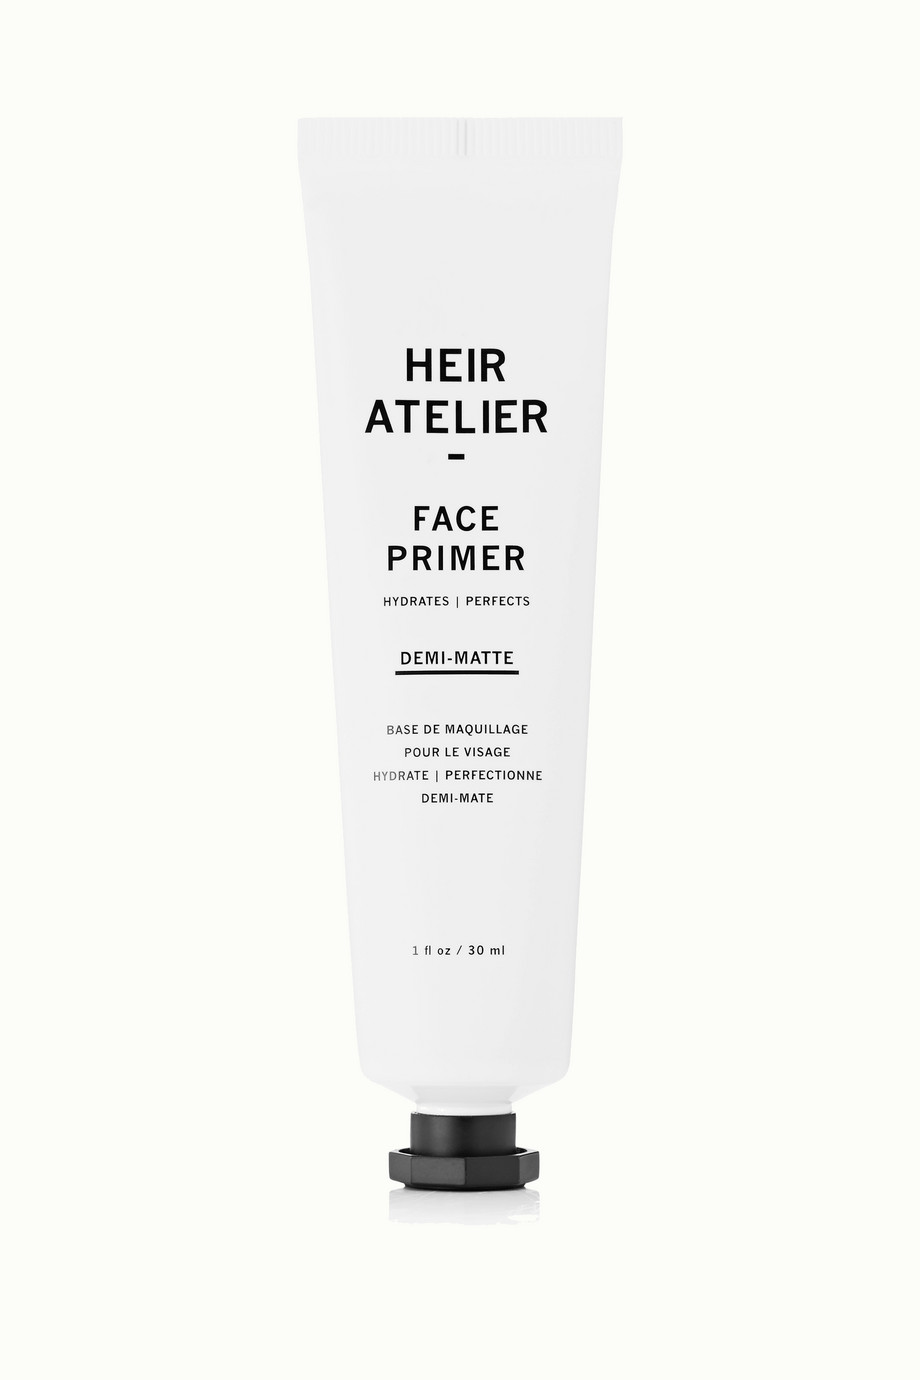 Heir Atelier Face Primer, 30ml